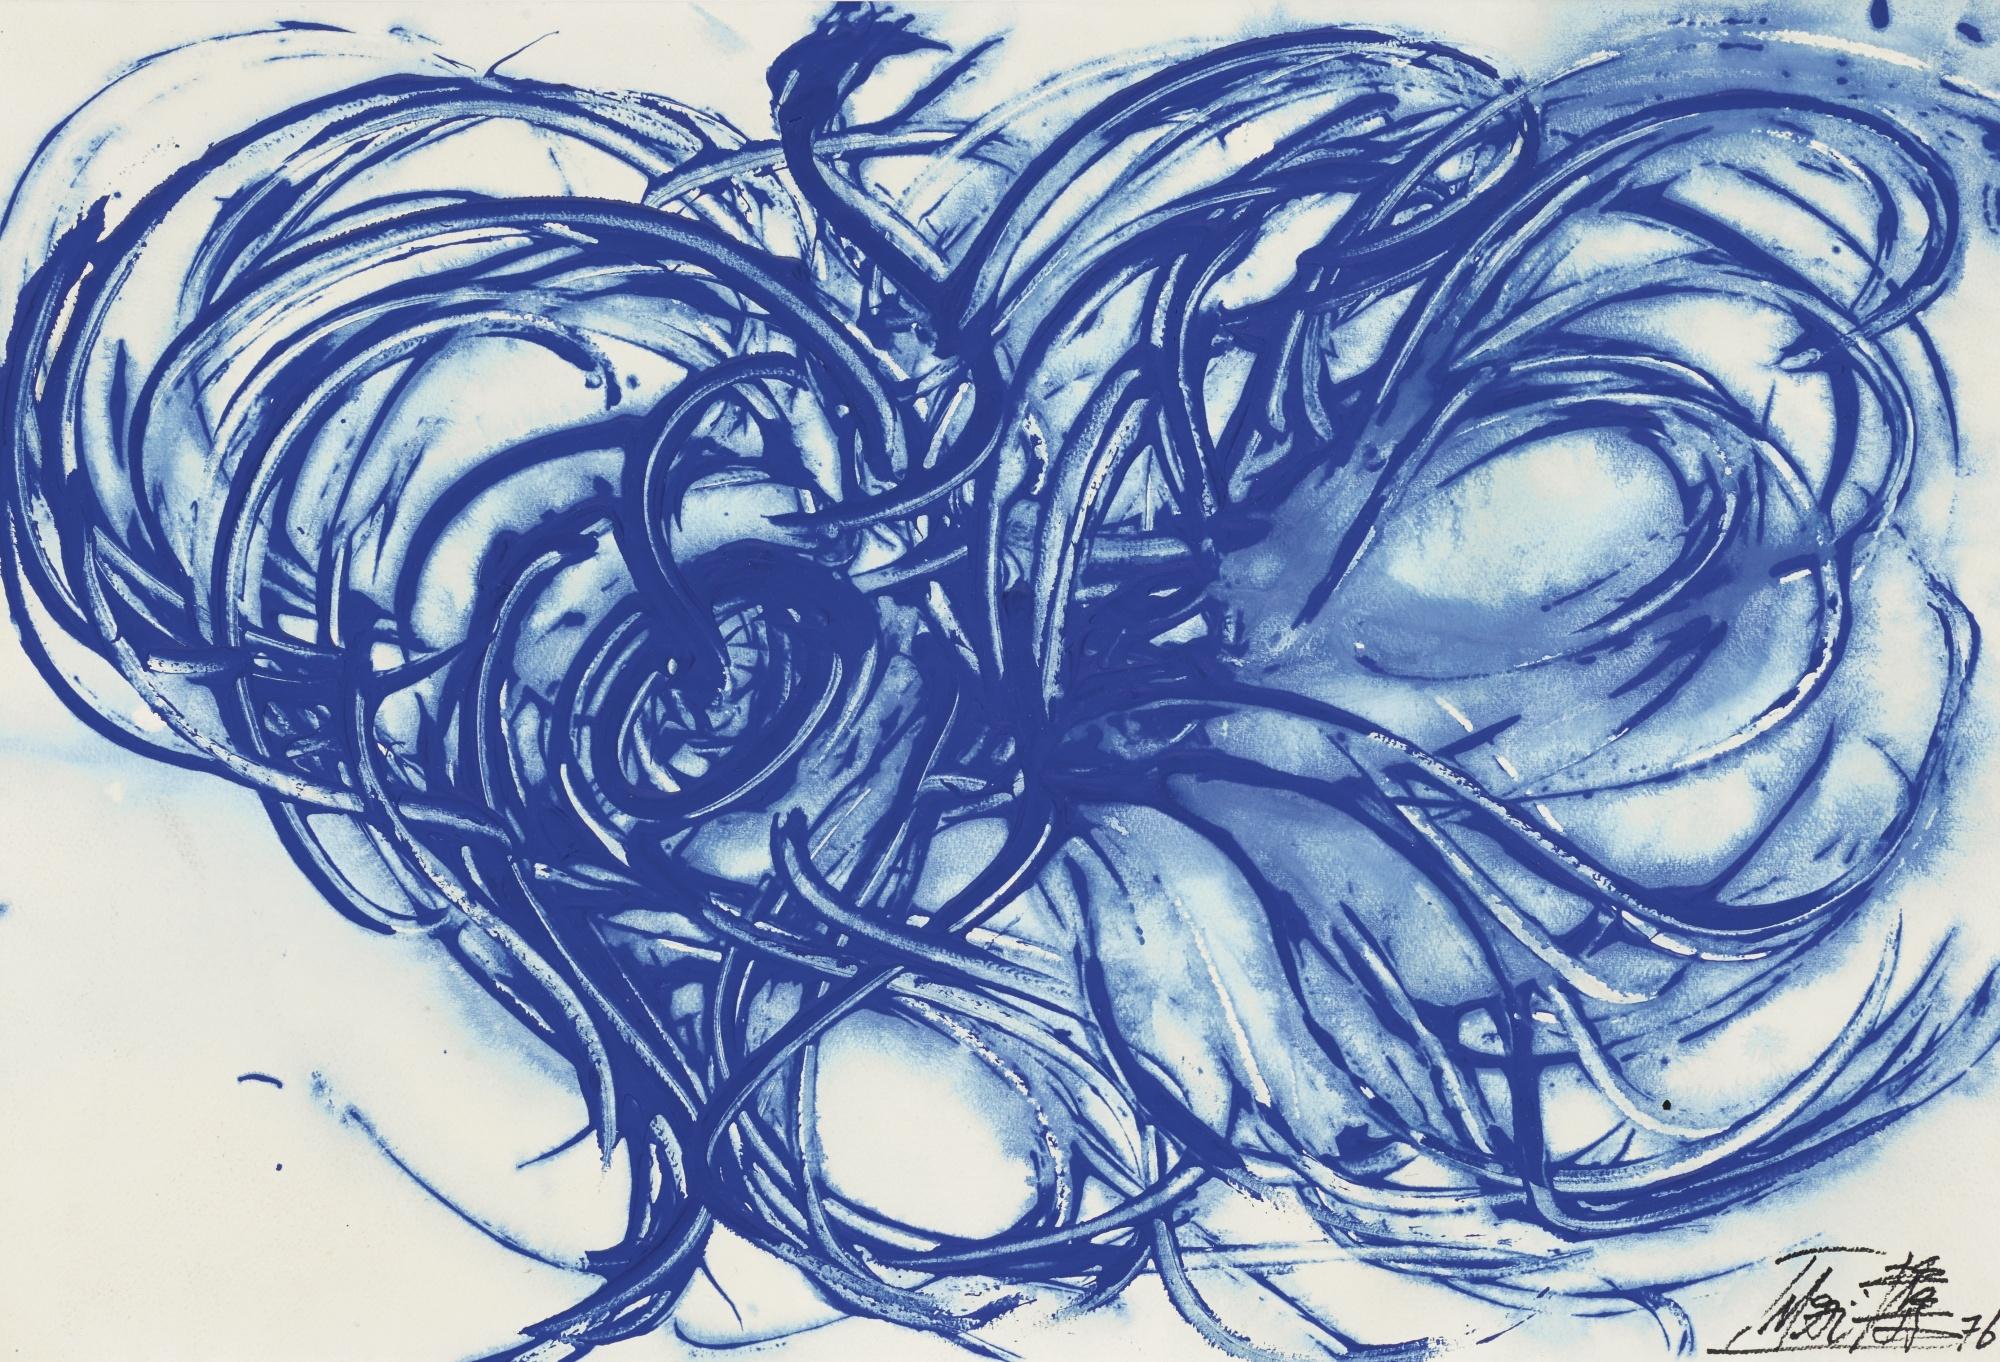 Toshimitsu Imai-Untitled (Blue)-1976